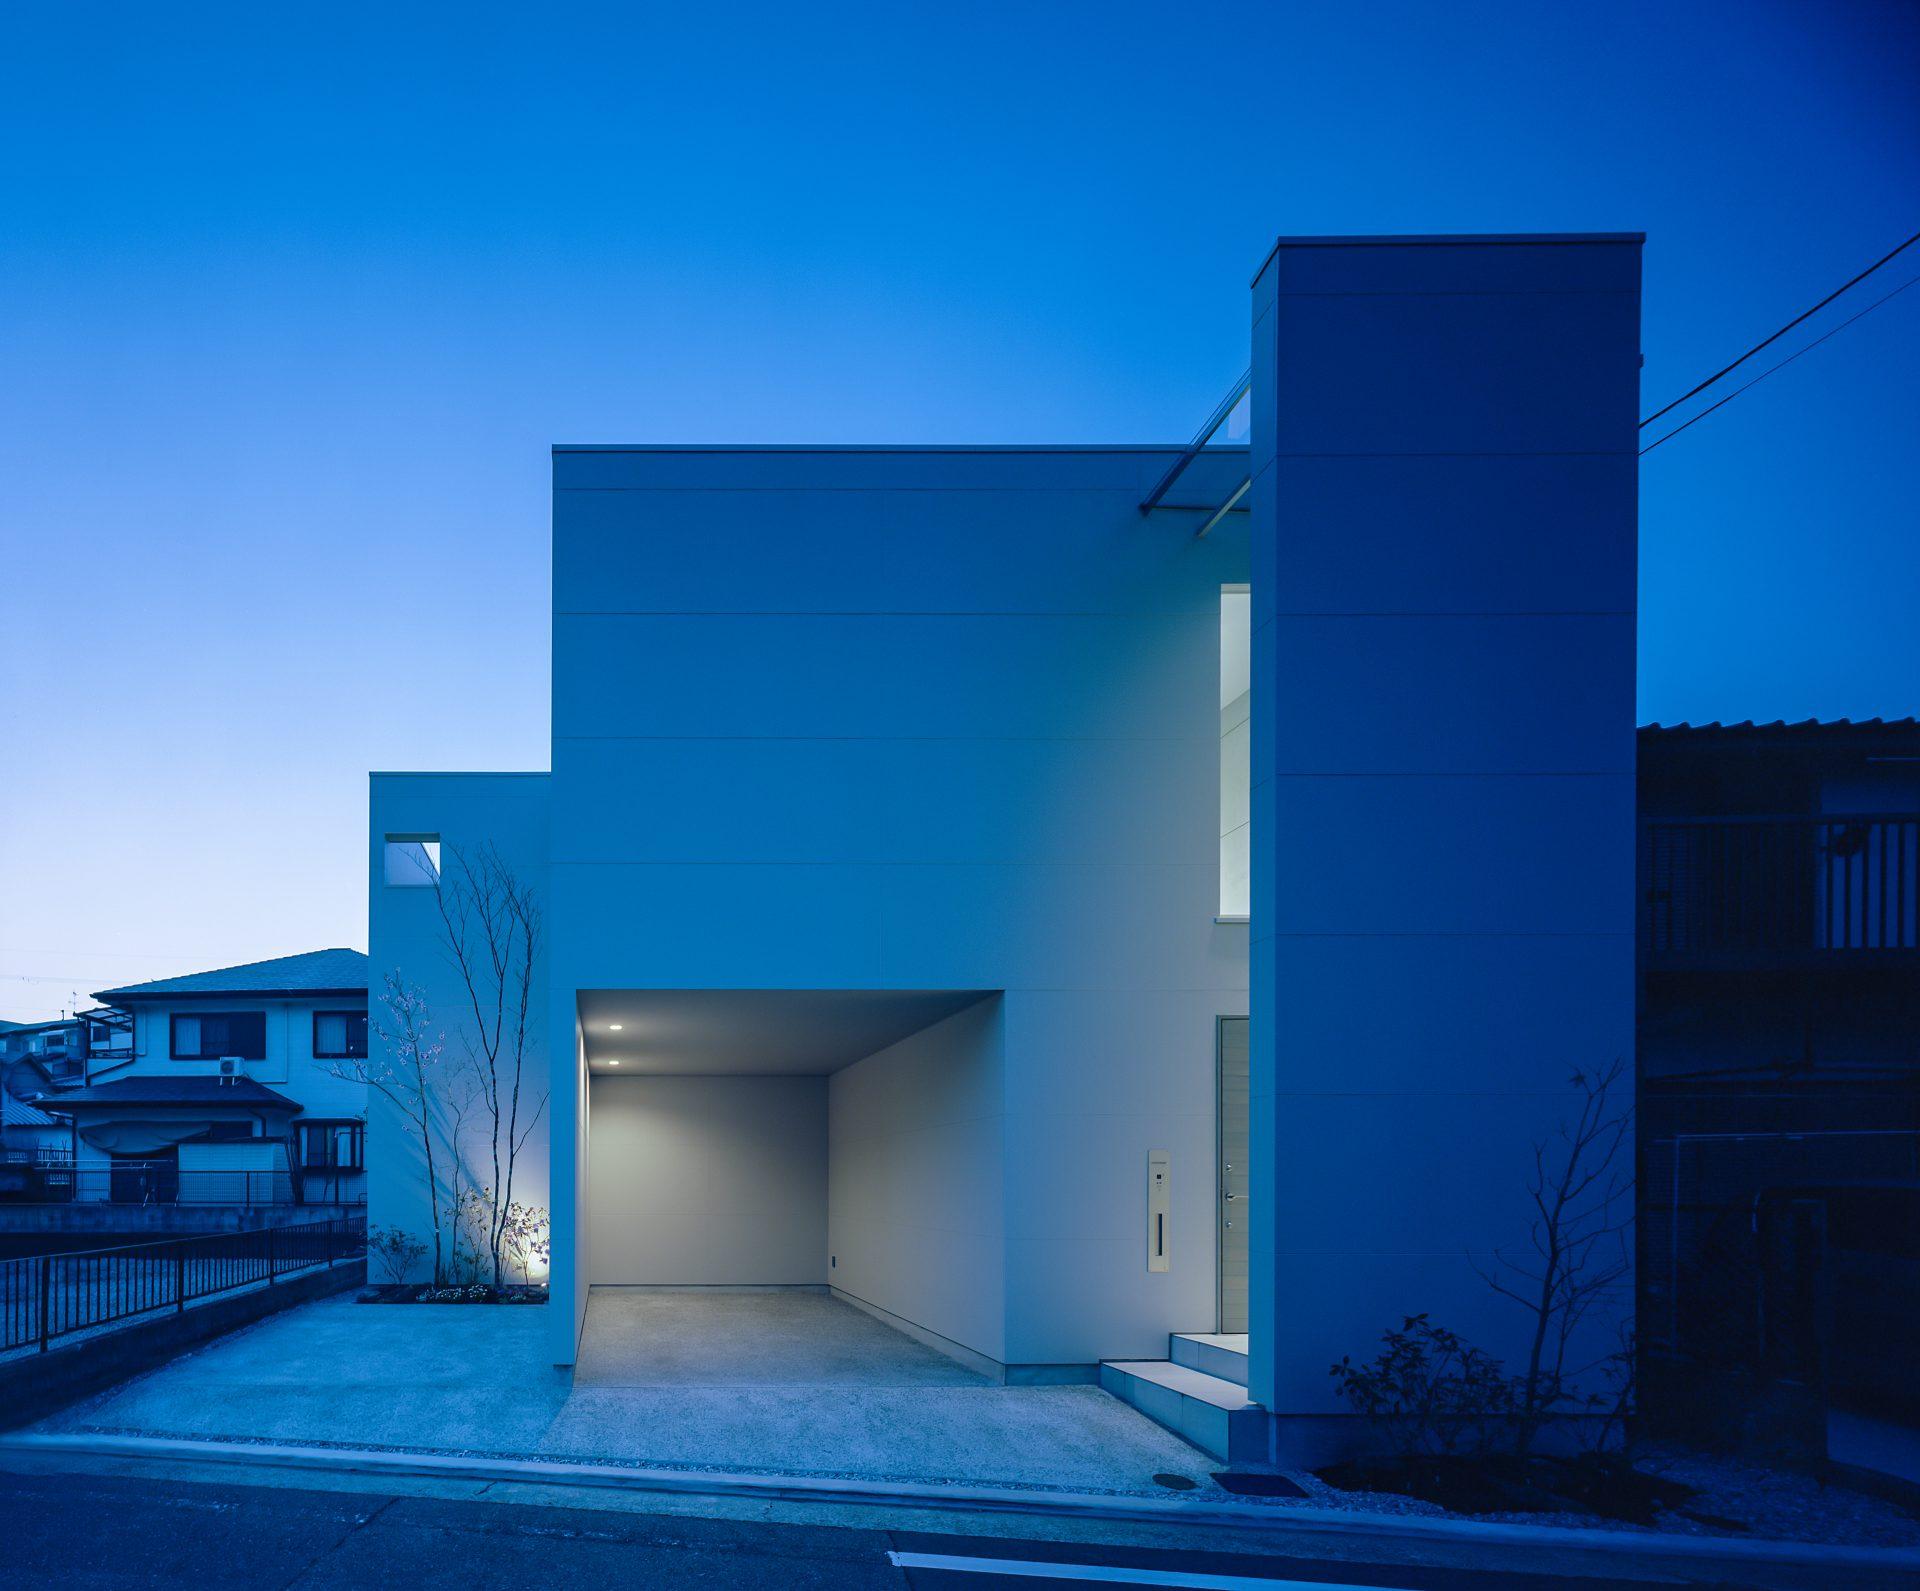 大阪河内長野のコートハウスの外観(夜景)02